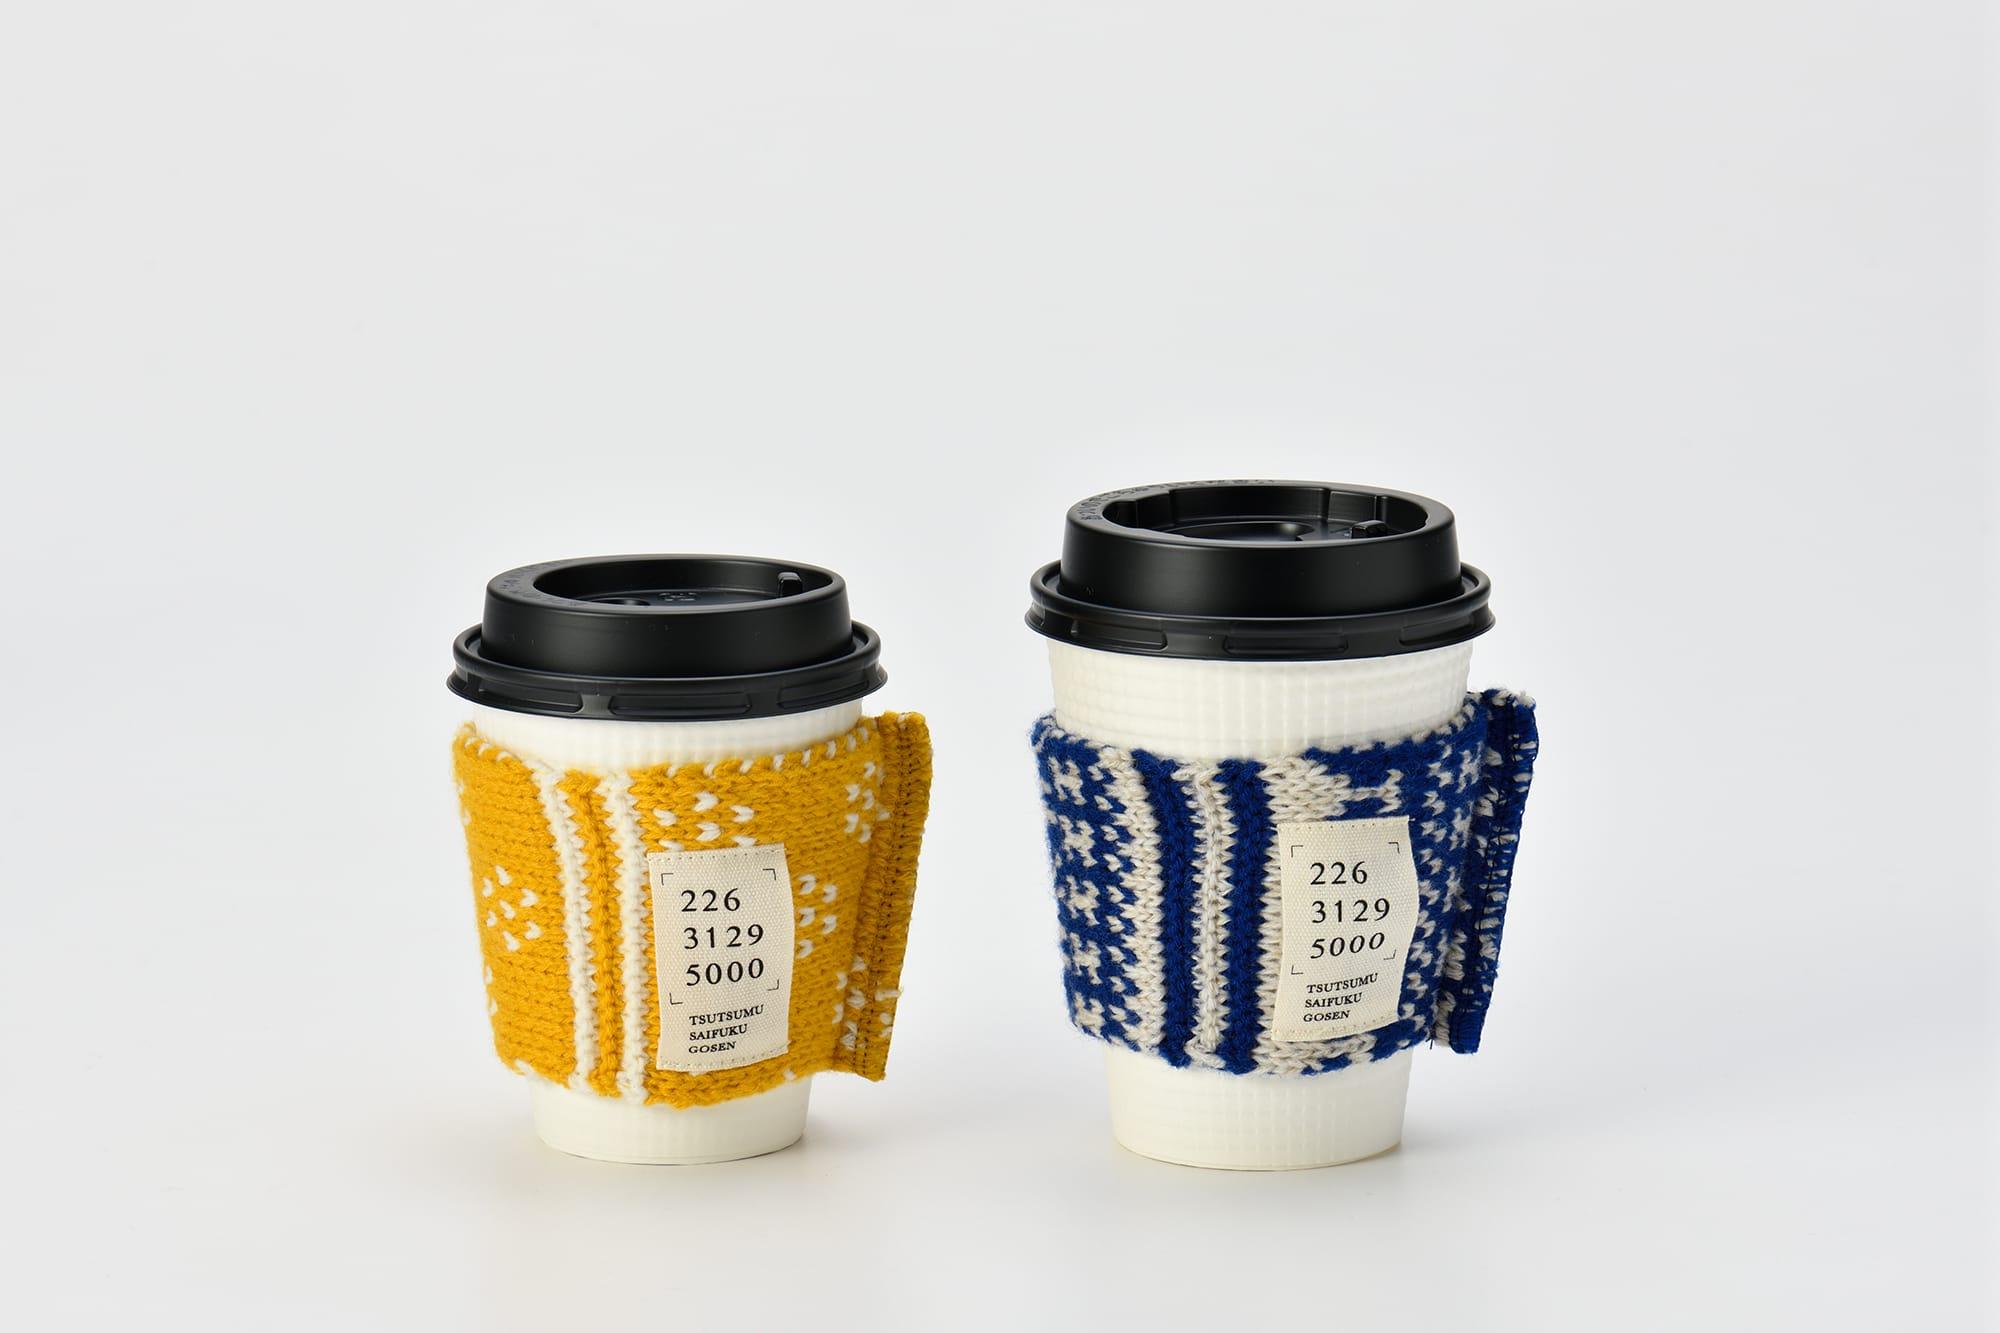 熱々のコーヒーカップをつつんで持ち歩けるニットホルダー。ほっとをつつむシリーズ1,430円(税込)